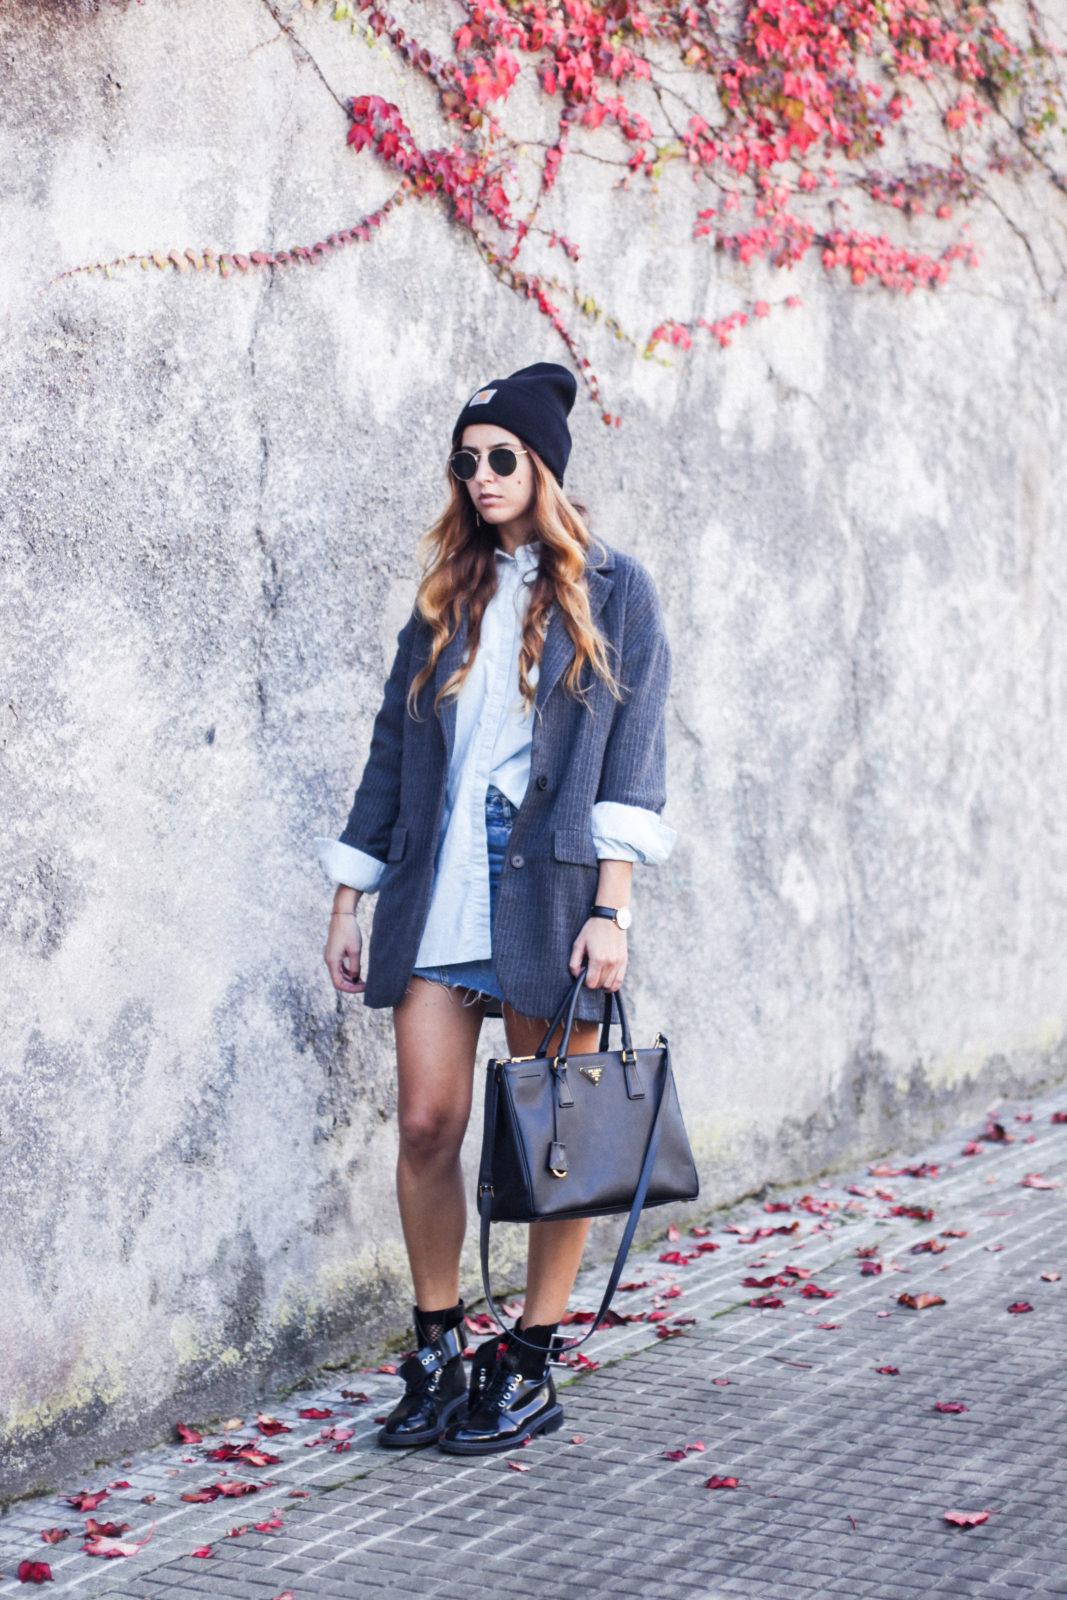 blazer_oversize_falda_vaquera_camisa_masculina_gorro_beanie_botas_moteras_tendencias_trends_2016_street_style_donkeycool-17